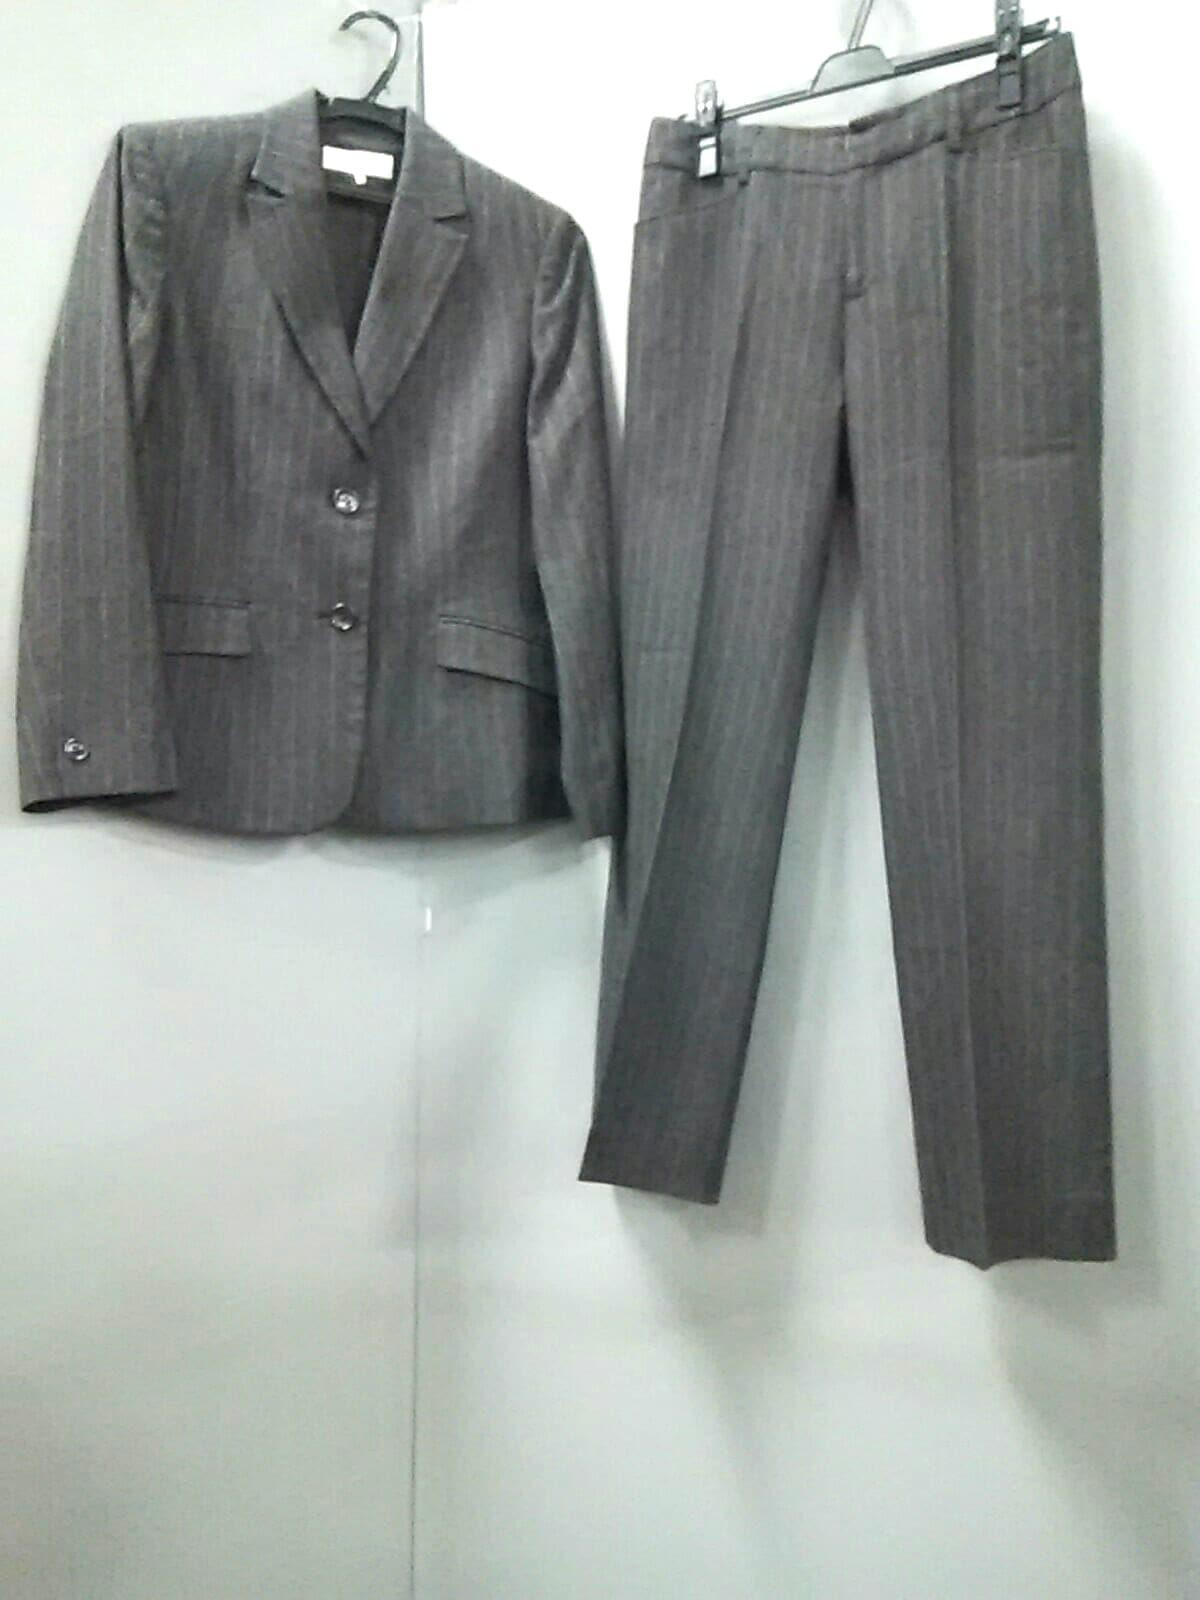 GUABELLO(グアベロ)のレディースパンツスーツ